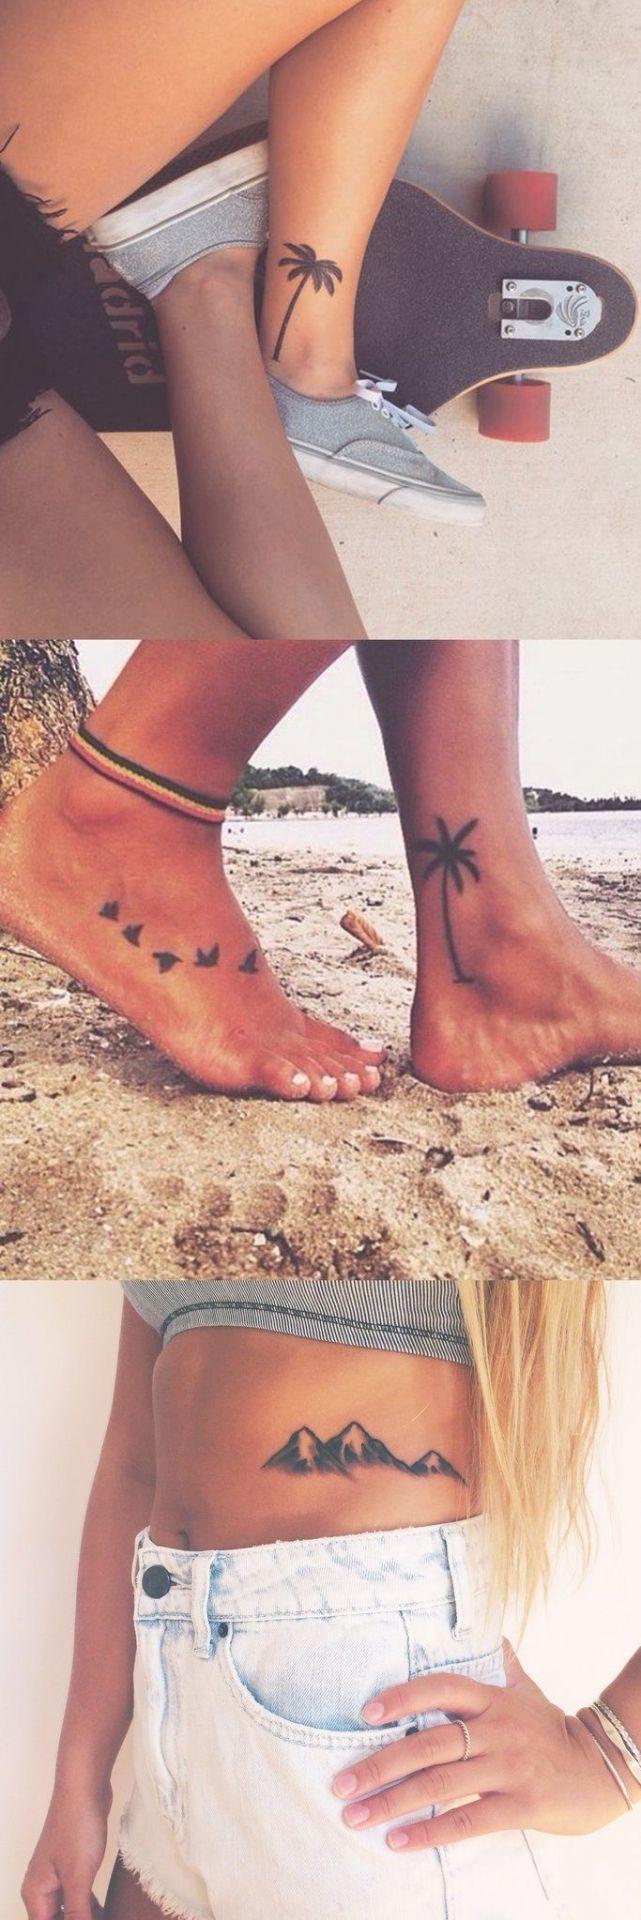 Palm Tree Tattoo Ideas for Women – Black Flower Ankle Foot Tatt – Mountain R…